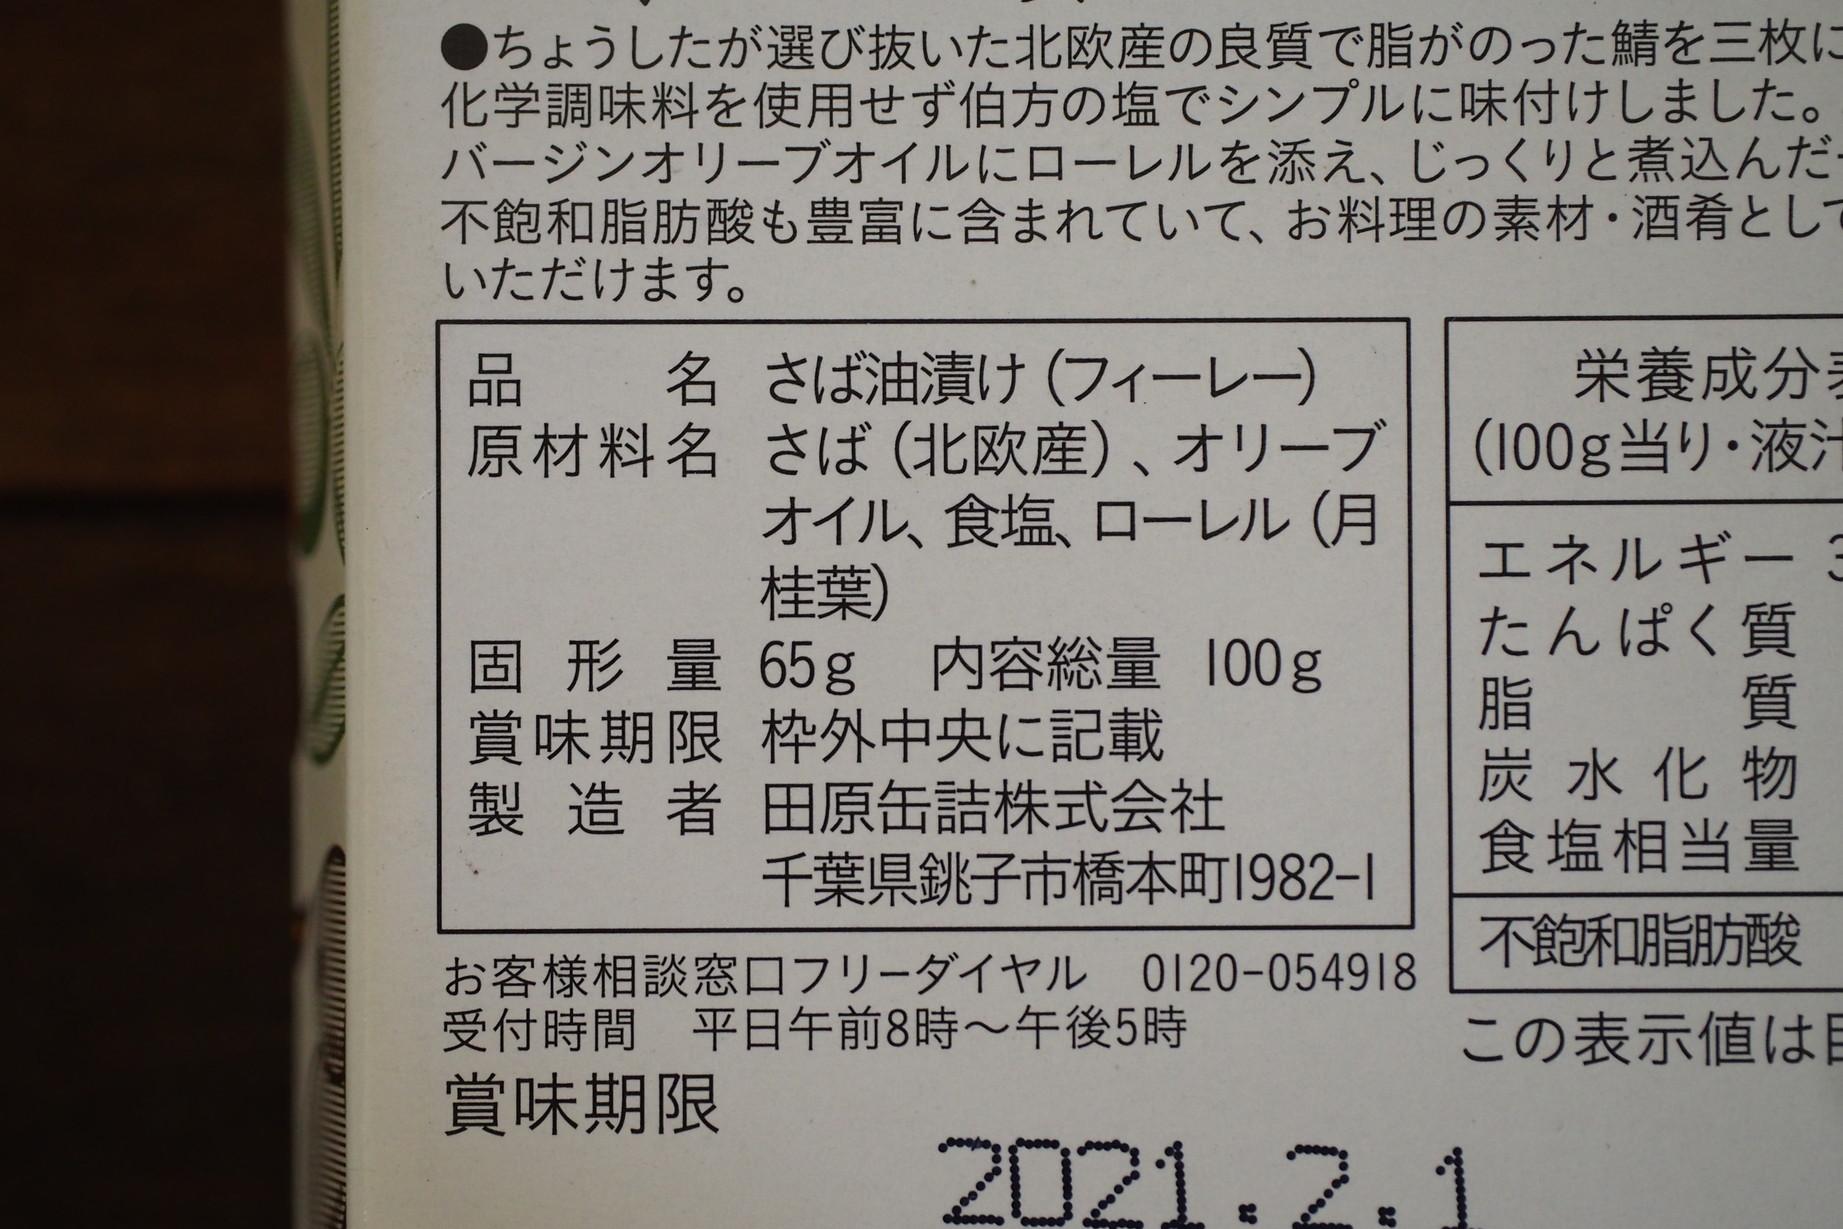 田原缶詰 ちょうした 鯖のオイル漬け~ローレルの香り~は化学調味料や保存料などは無添加です